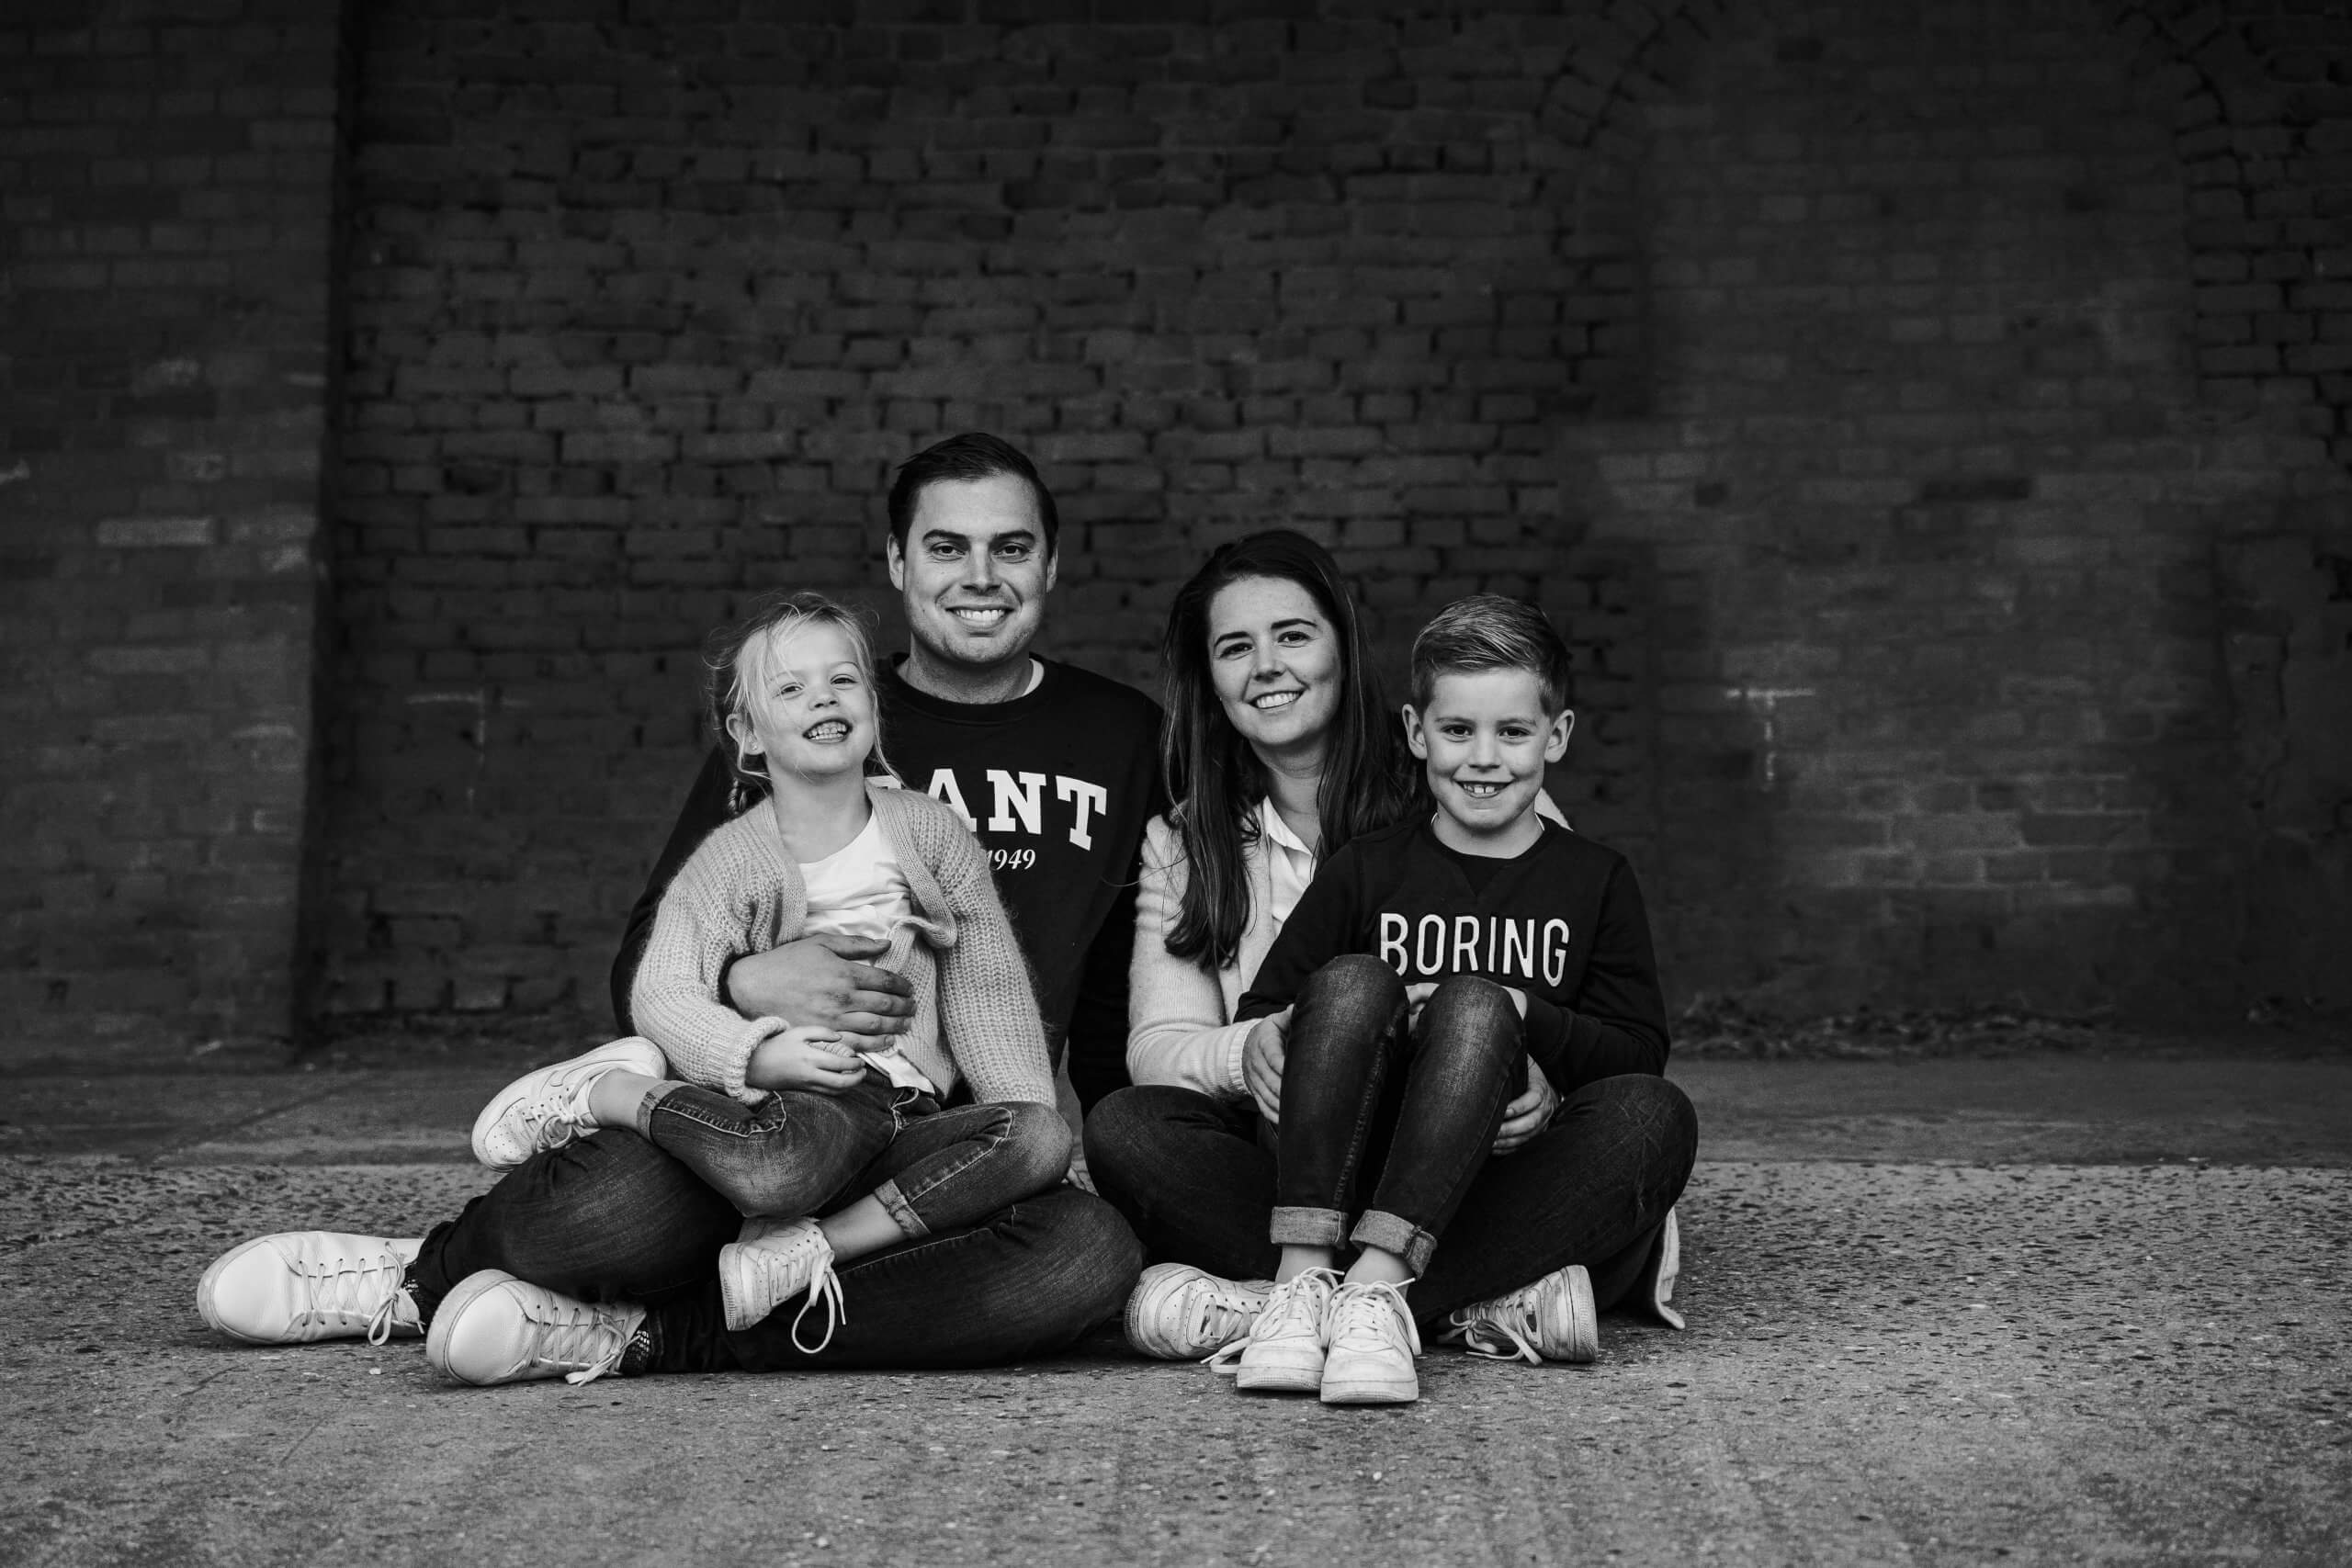 familie gezin ouders kinderen portret familieportret fotograaf gezocht